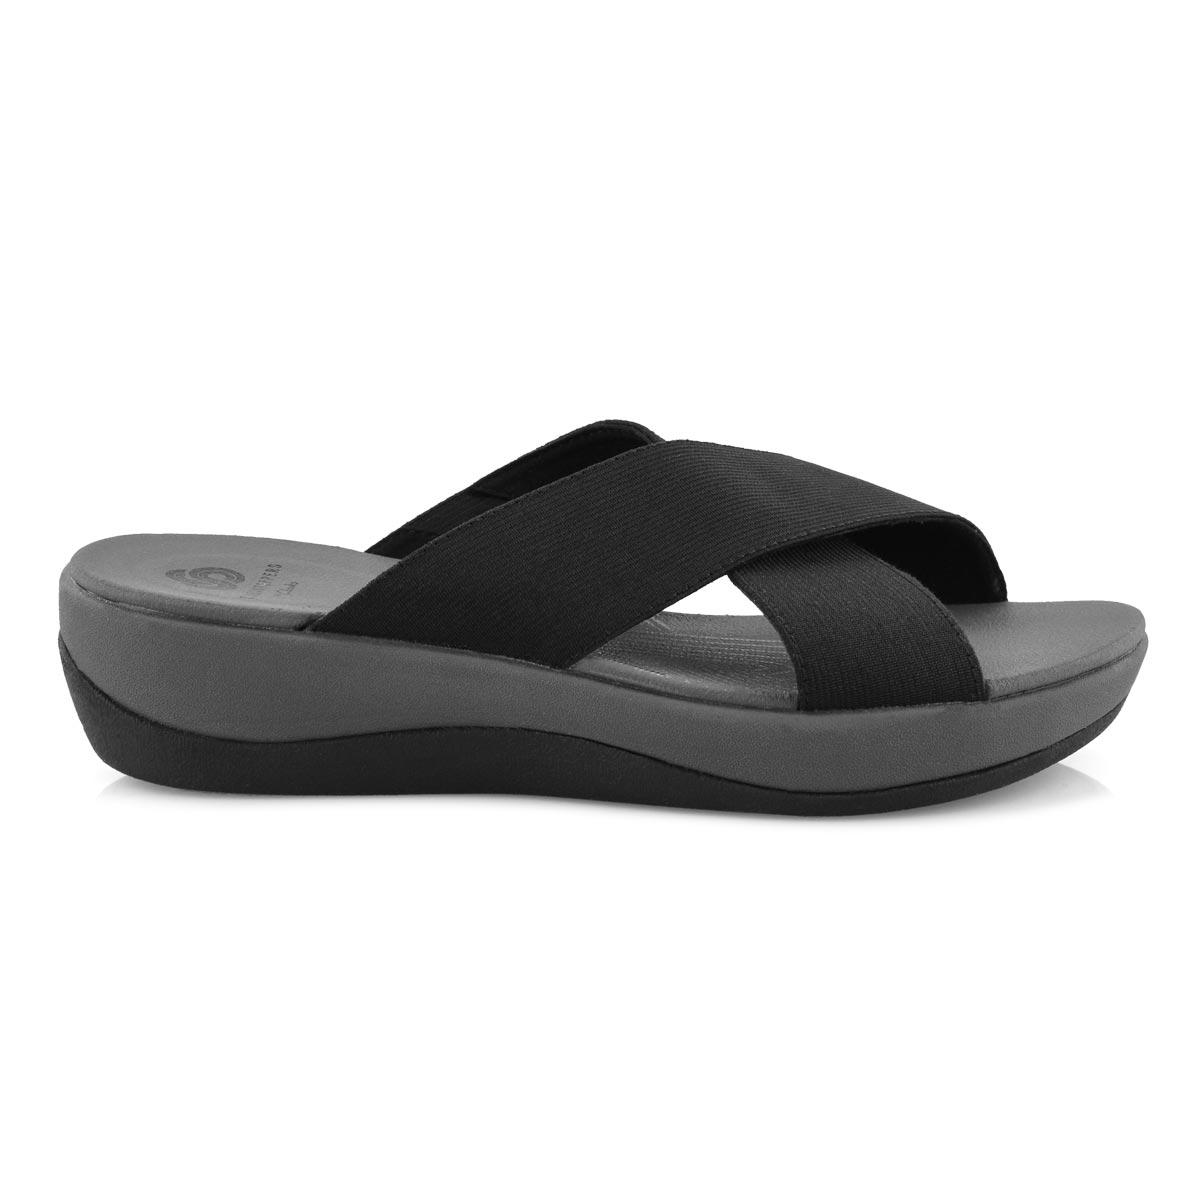 Lds Arla Elin black wedge slide sandal